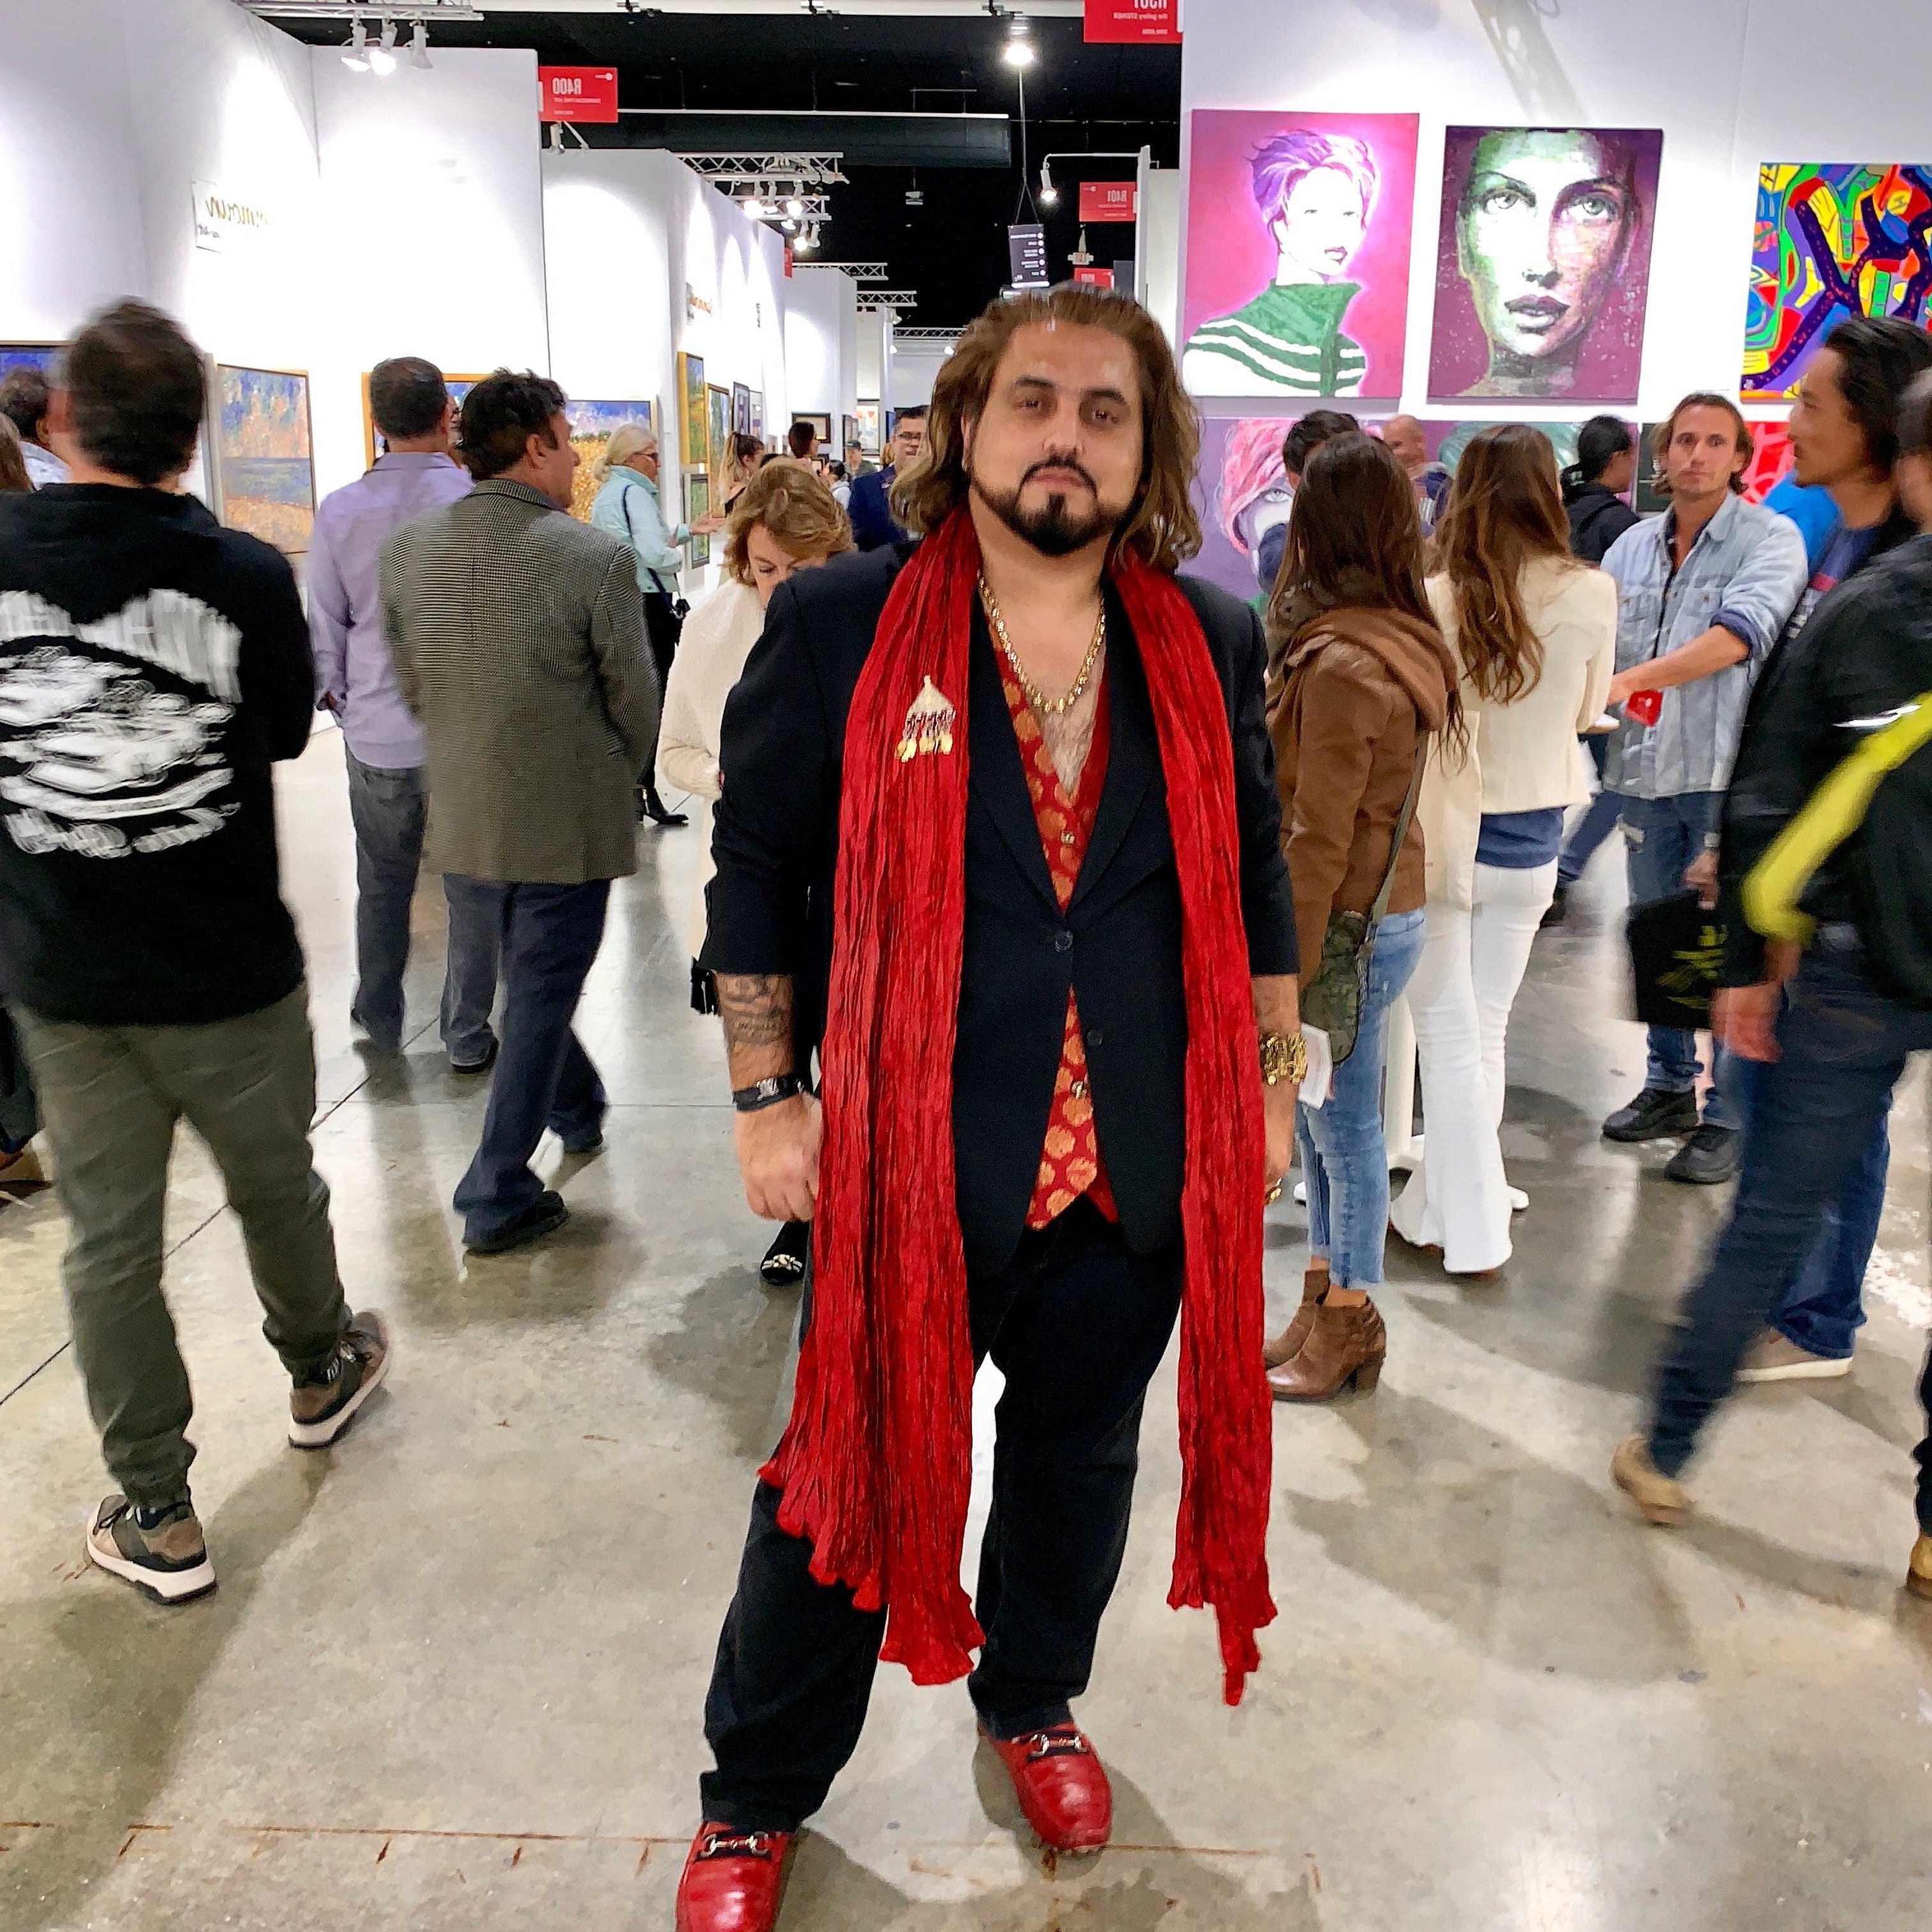 Design Baju Pengantin Muslim Terbaru Fmdf Red Dot Miami – Dec 2018 – Gailani Art